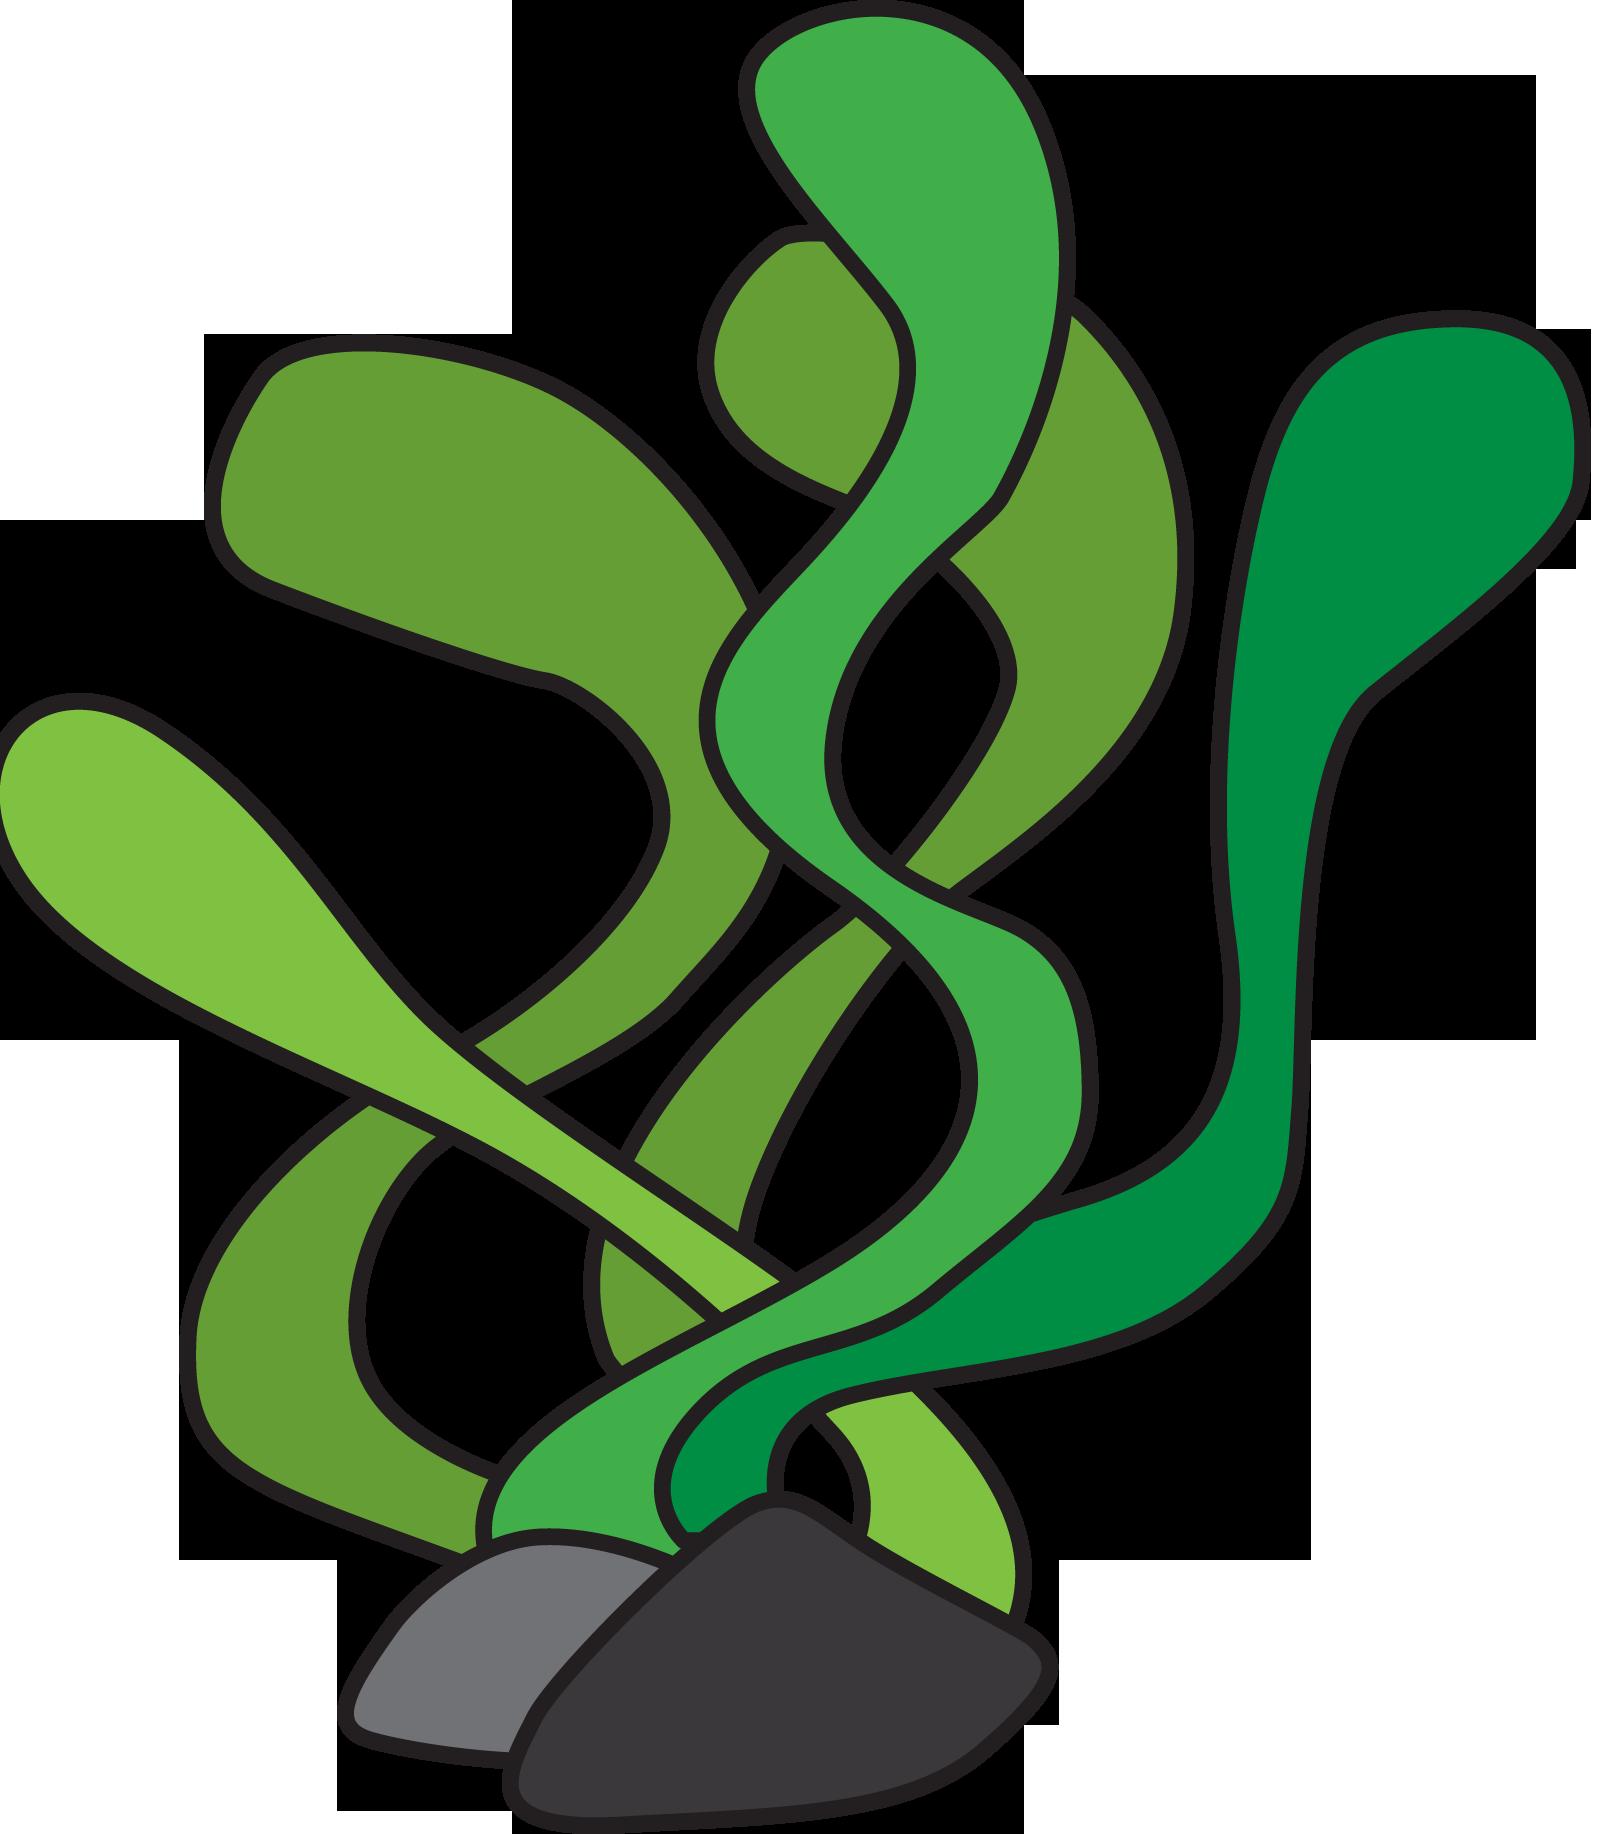 Algae plant clipart.